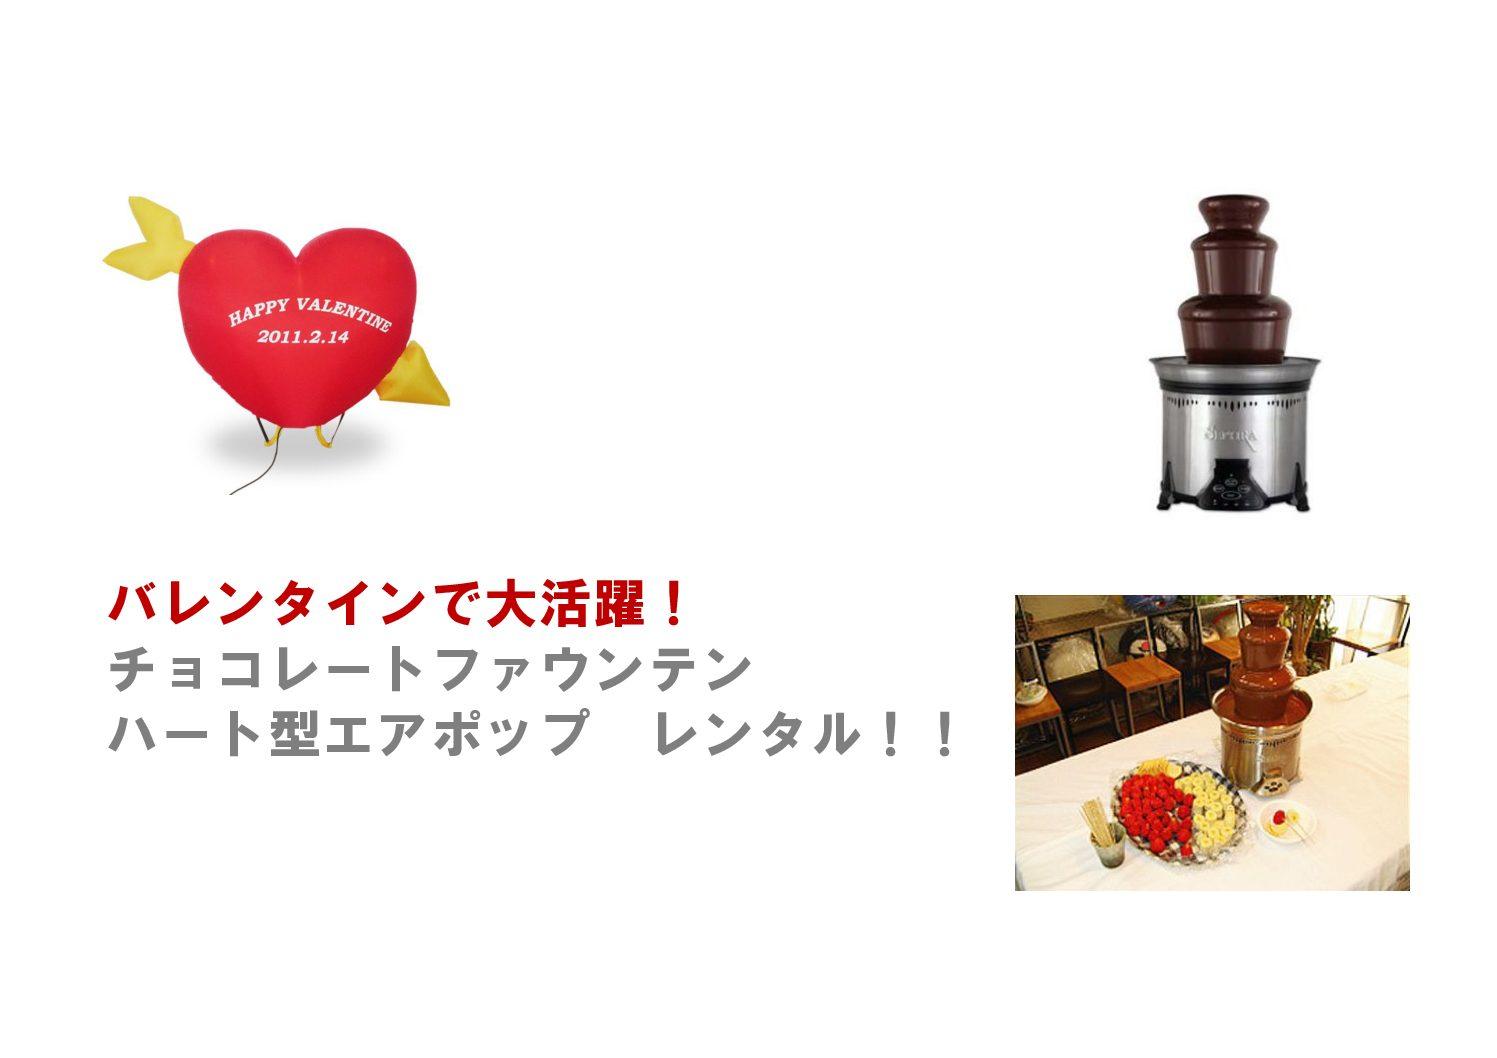 バレンタインで大活躍商品をレンタル!